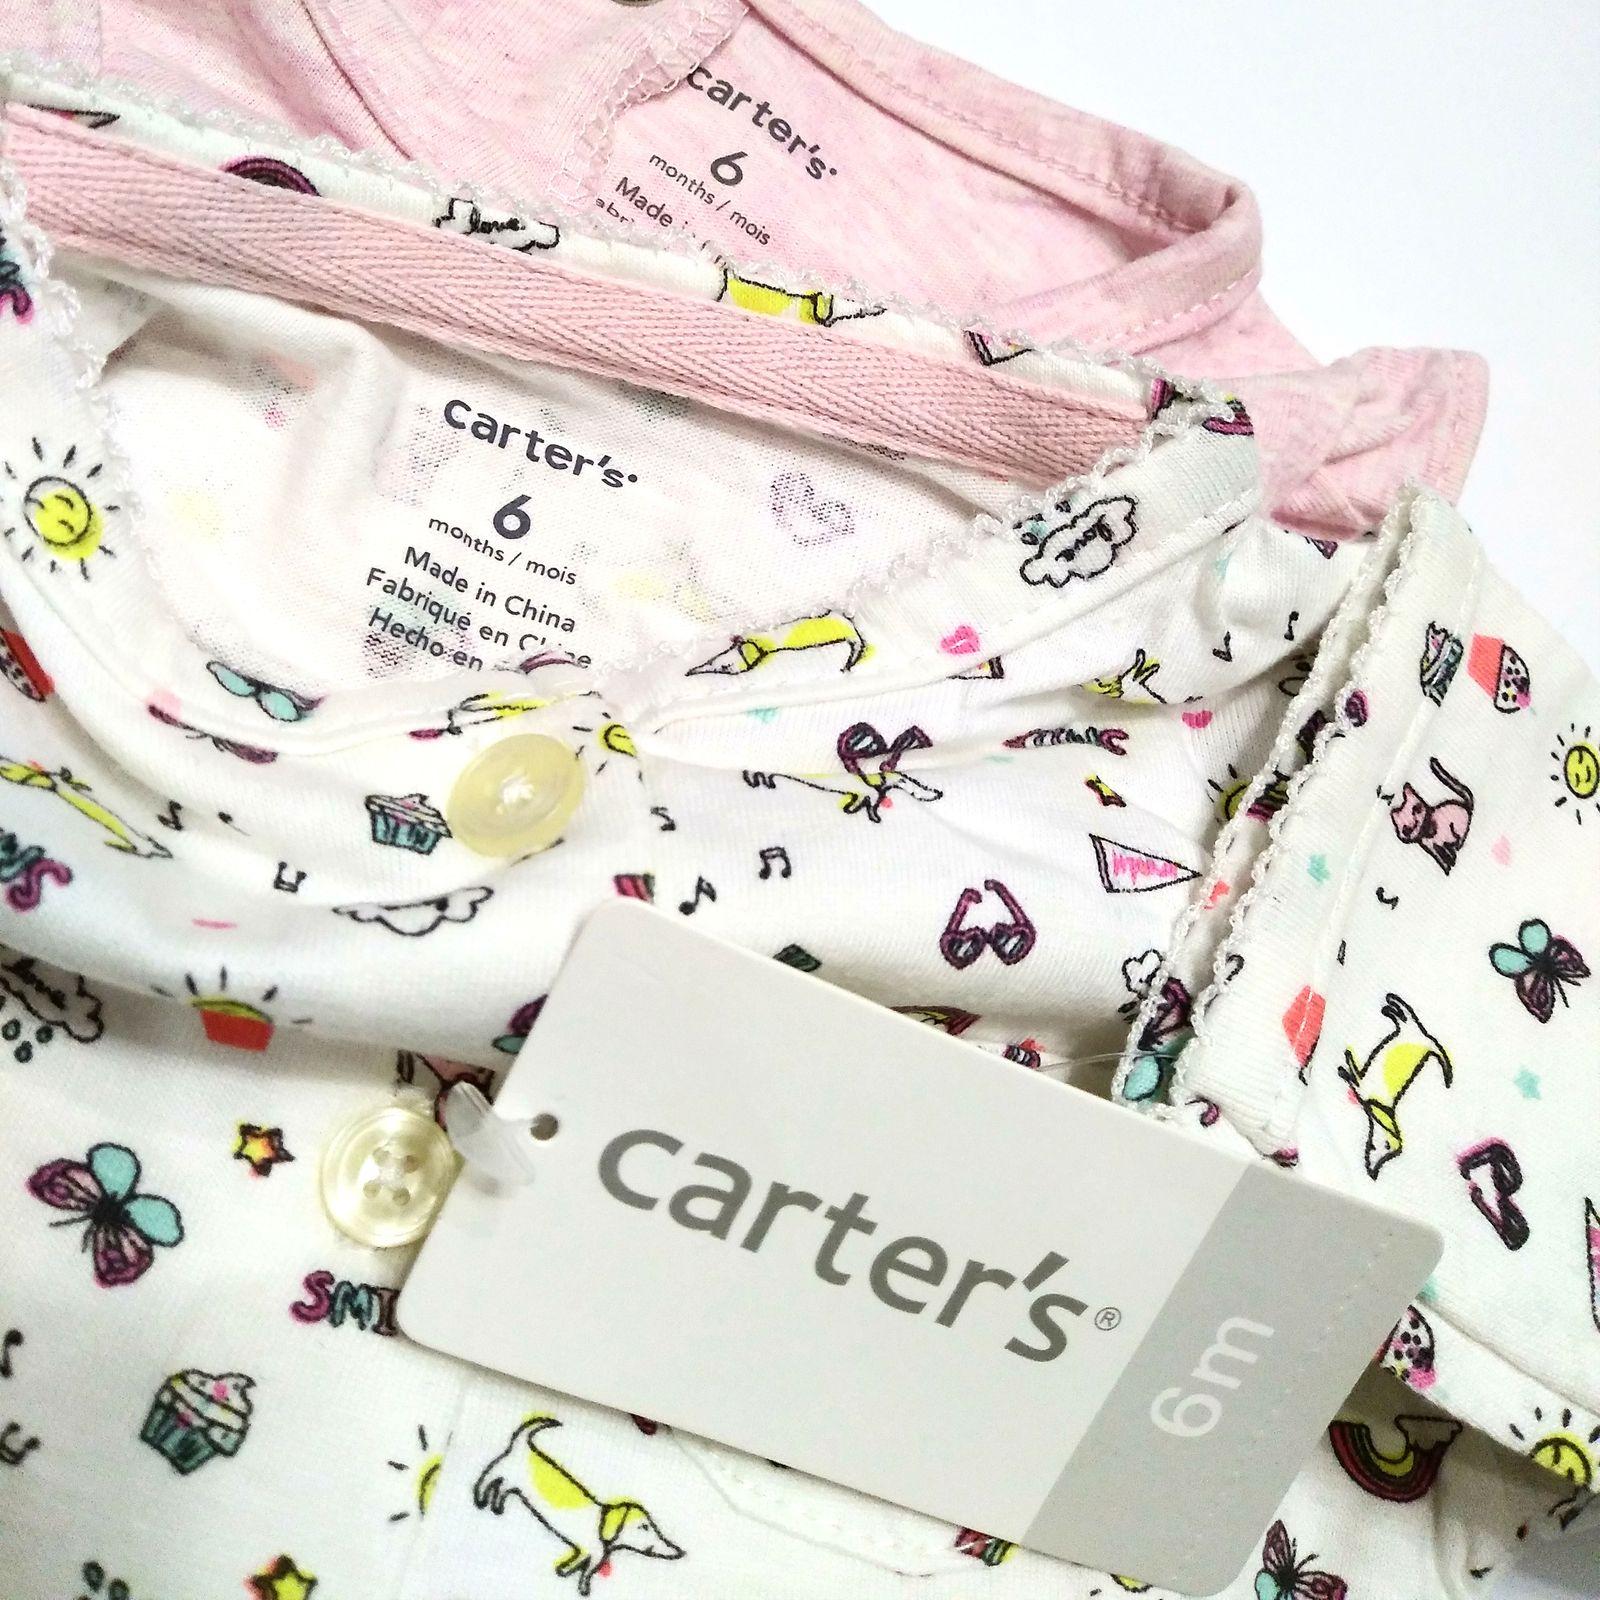 ست کت و پیراهن نوزادی دخترانه کارترز طرح گربه کد M437 -  - 5